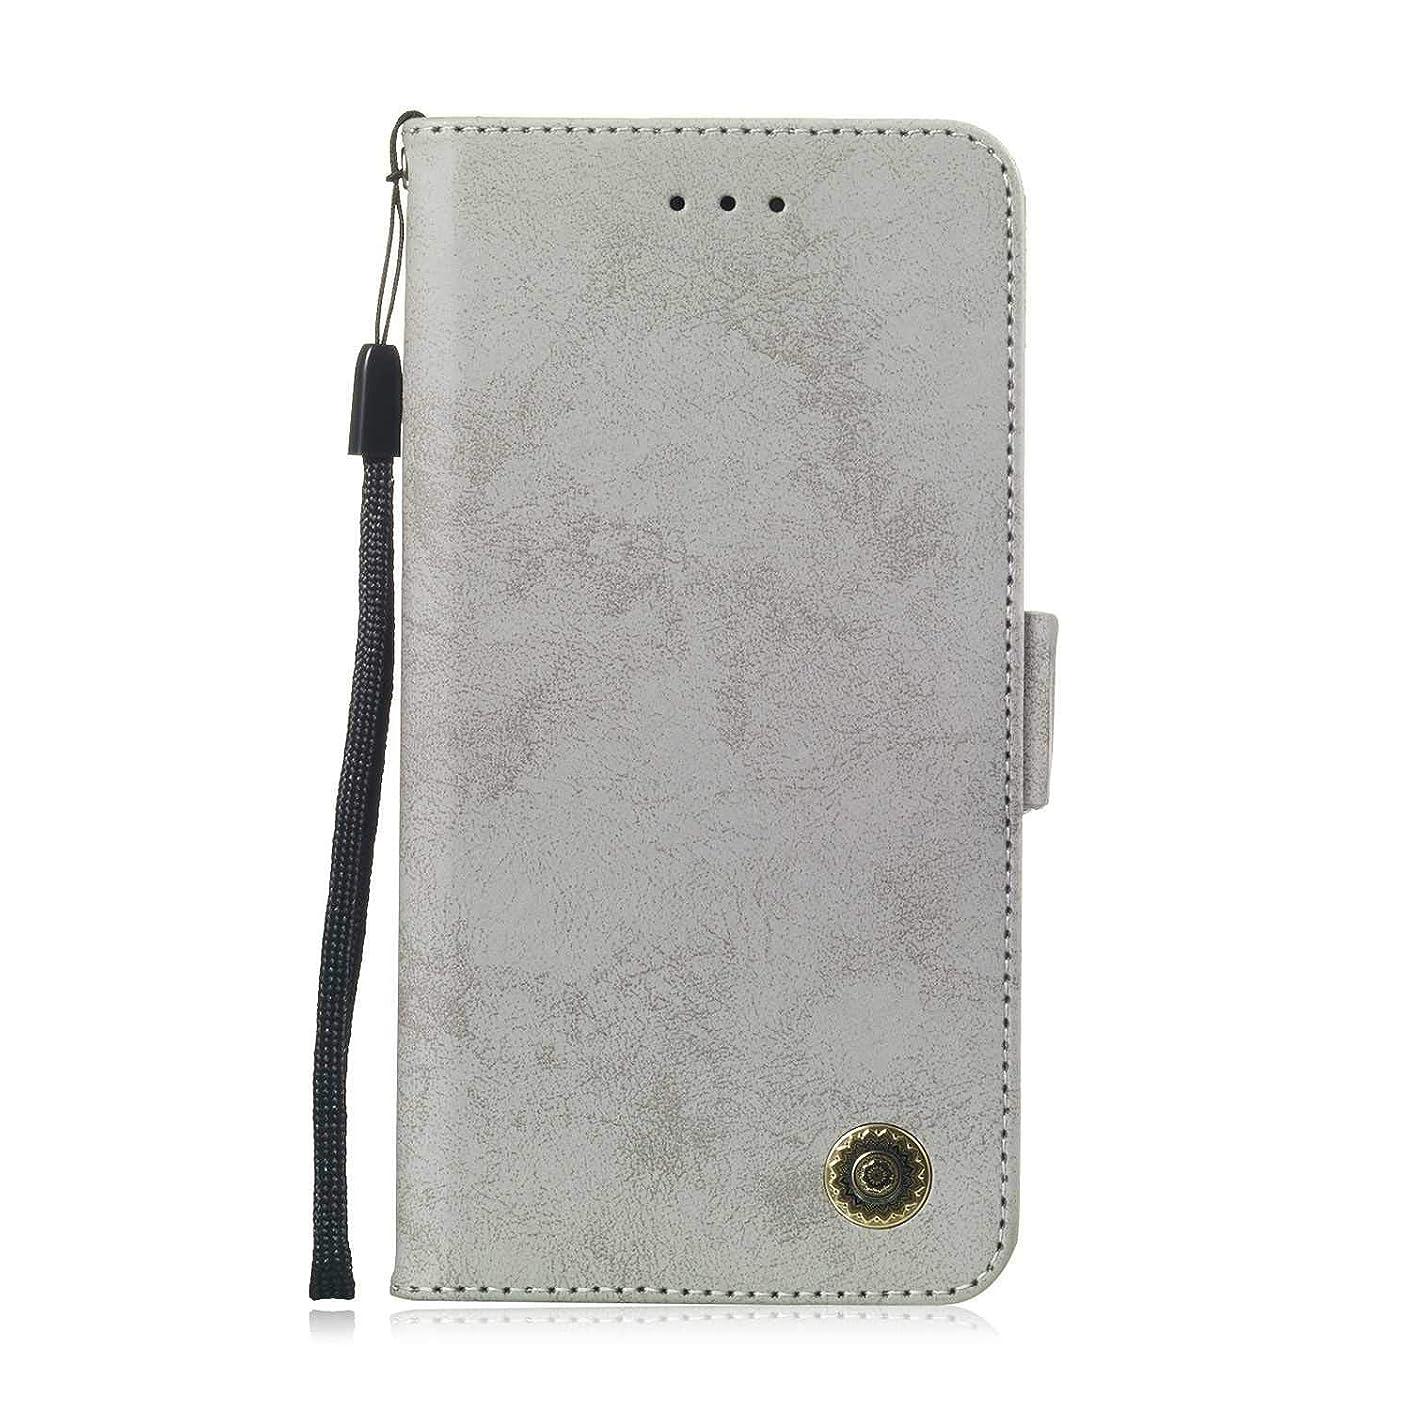 おとこ一貫したパイプラインZeebox? Huawei Mate 20 Lite 手帳型ケース Huawei Mate 20 Lite 手帳型カバー 財布型 合皮PUレザー マグネット式 保護ケース カード収納 スタンド 機能 (グレー #5)